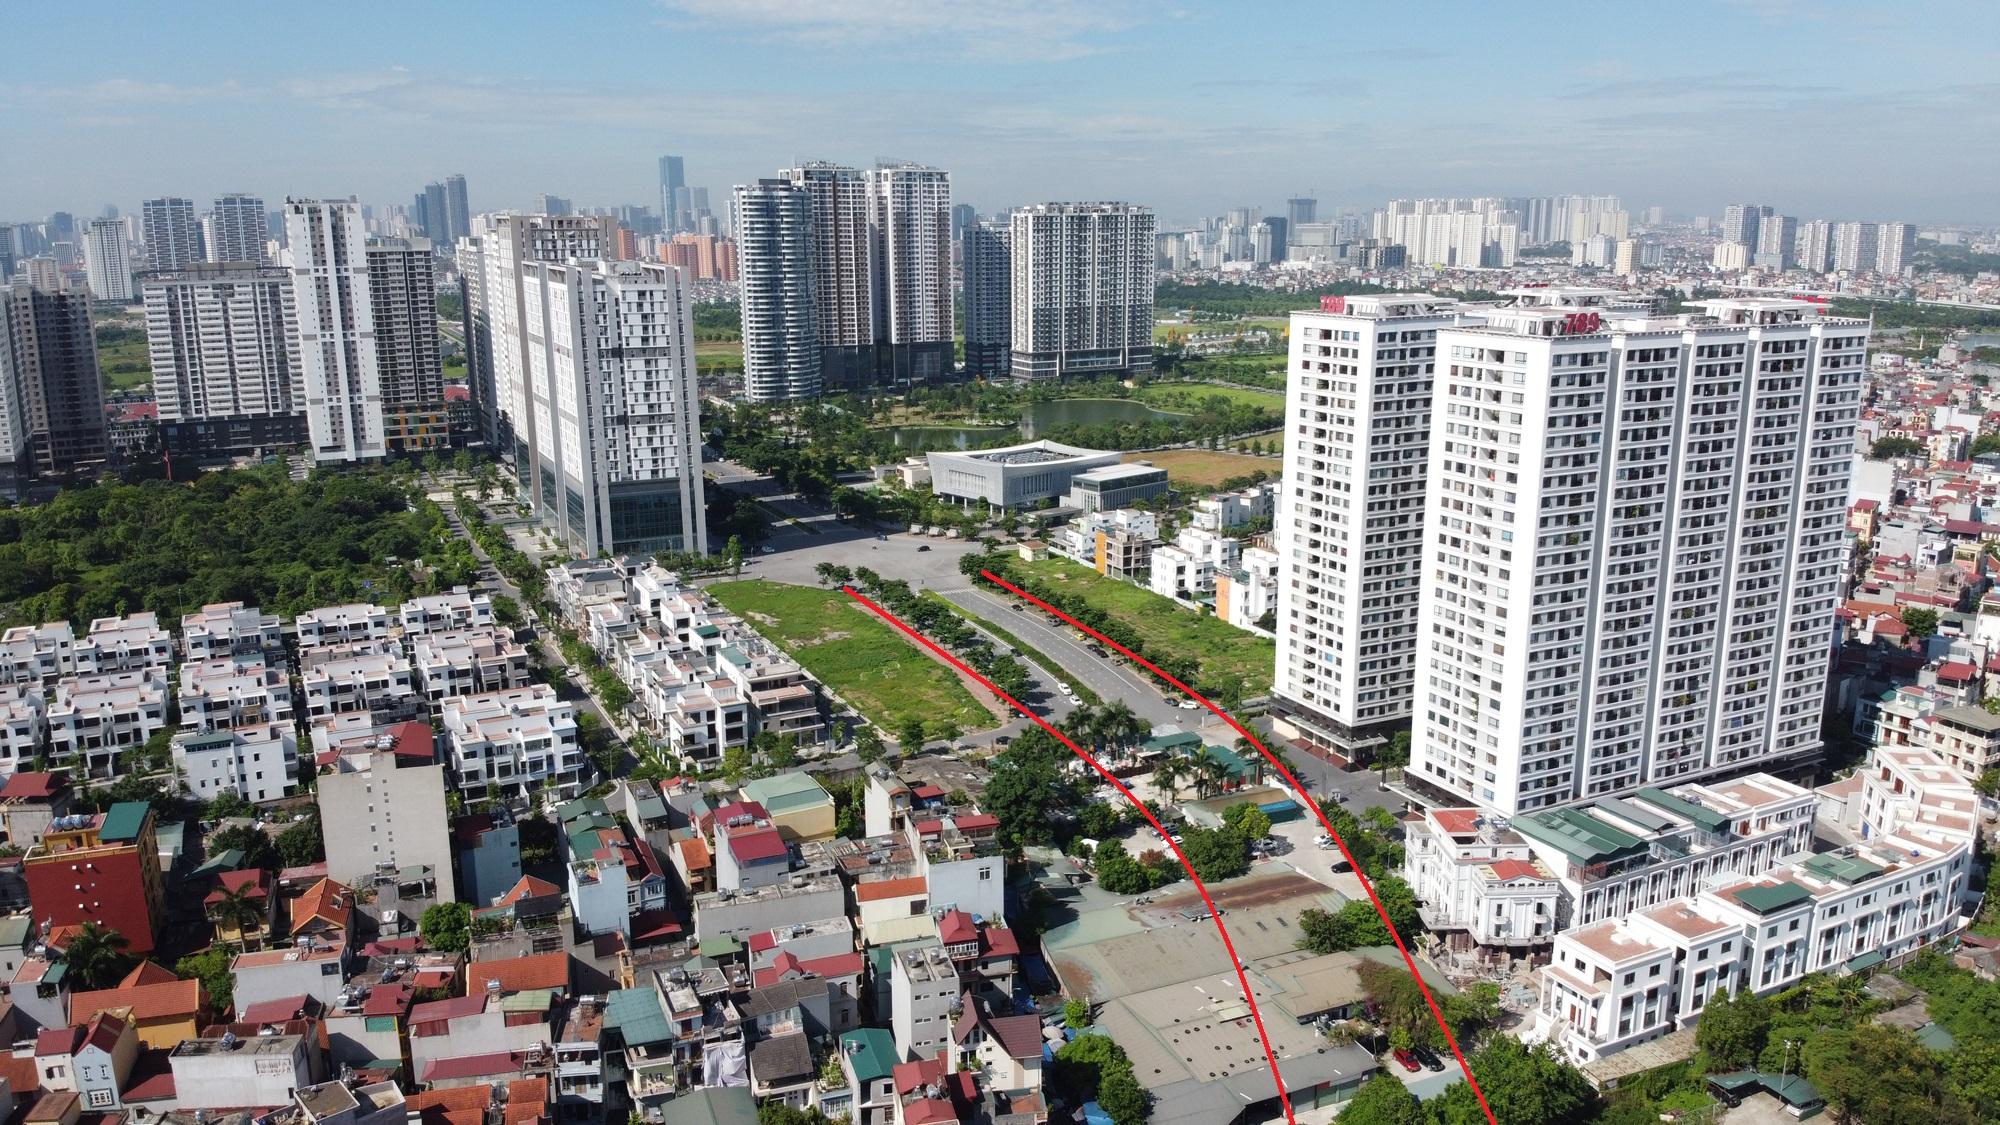 đường sẽ mở theo qui hoạch ở phường Xuân Tảo, Bắc Từ Liêm, Hà Nội - Ảnh 3.